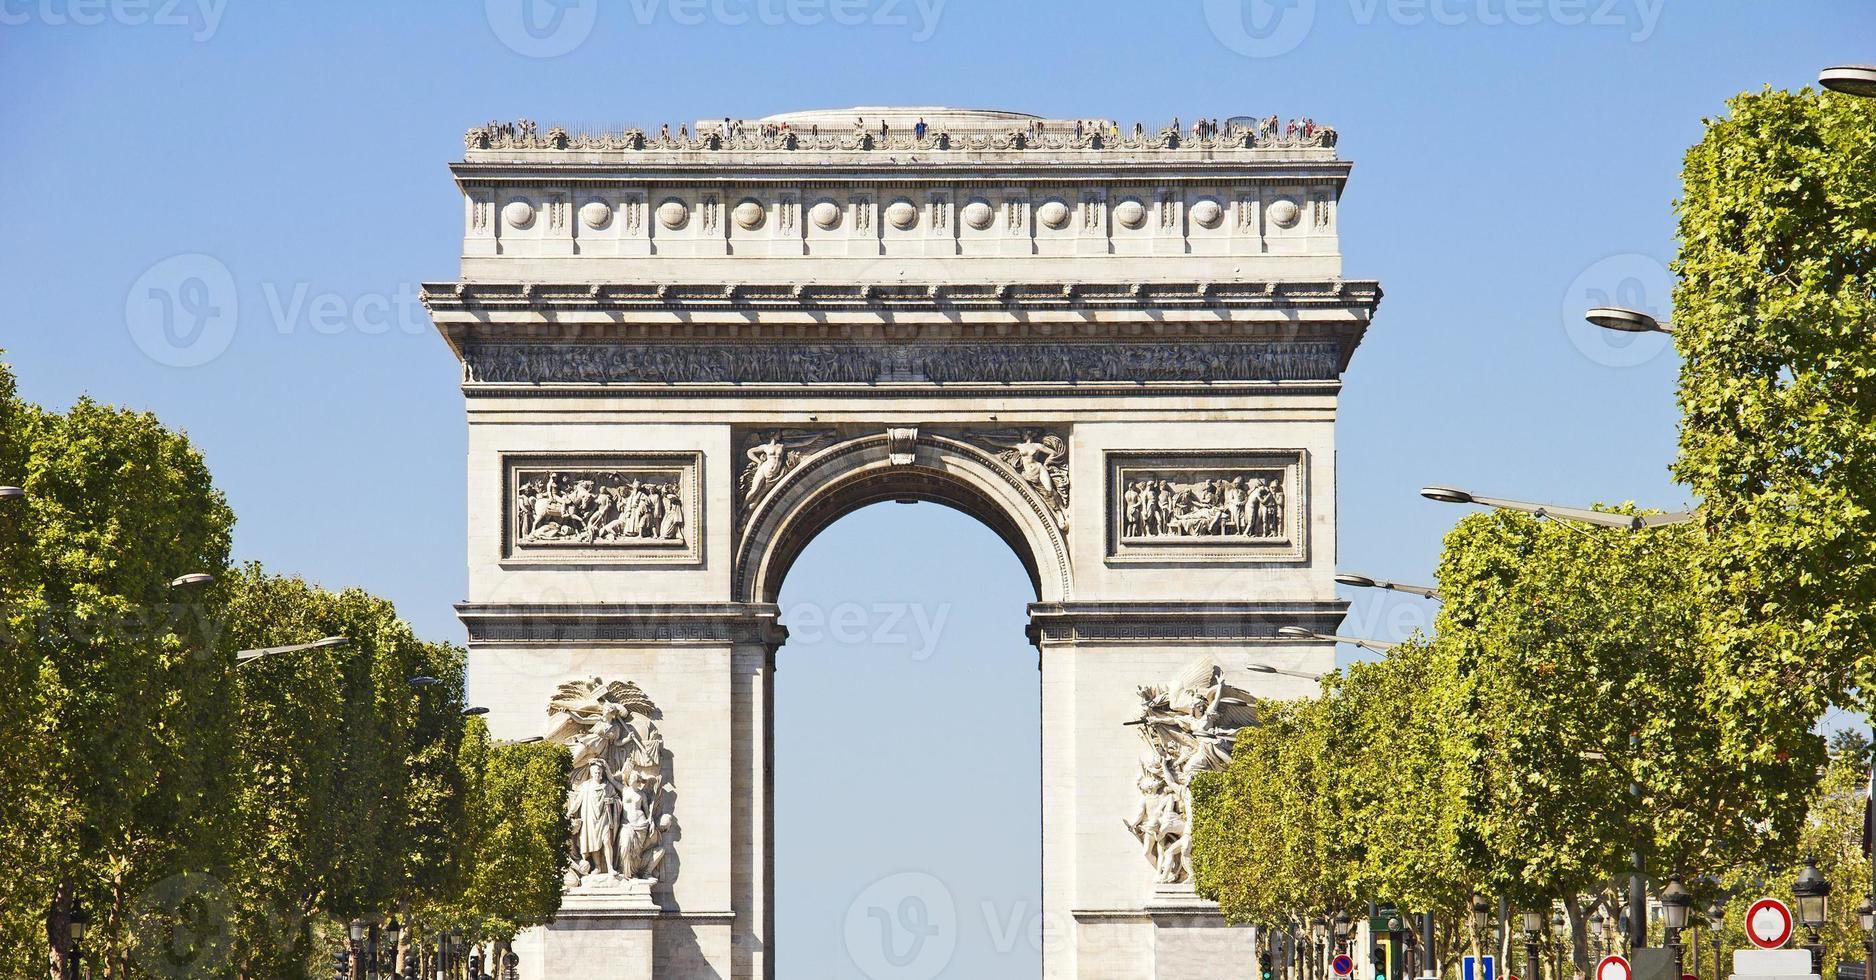 champs-elysees und der arc du triomphe, paris foto